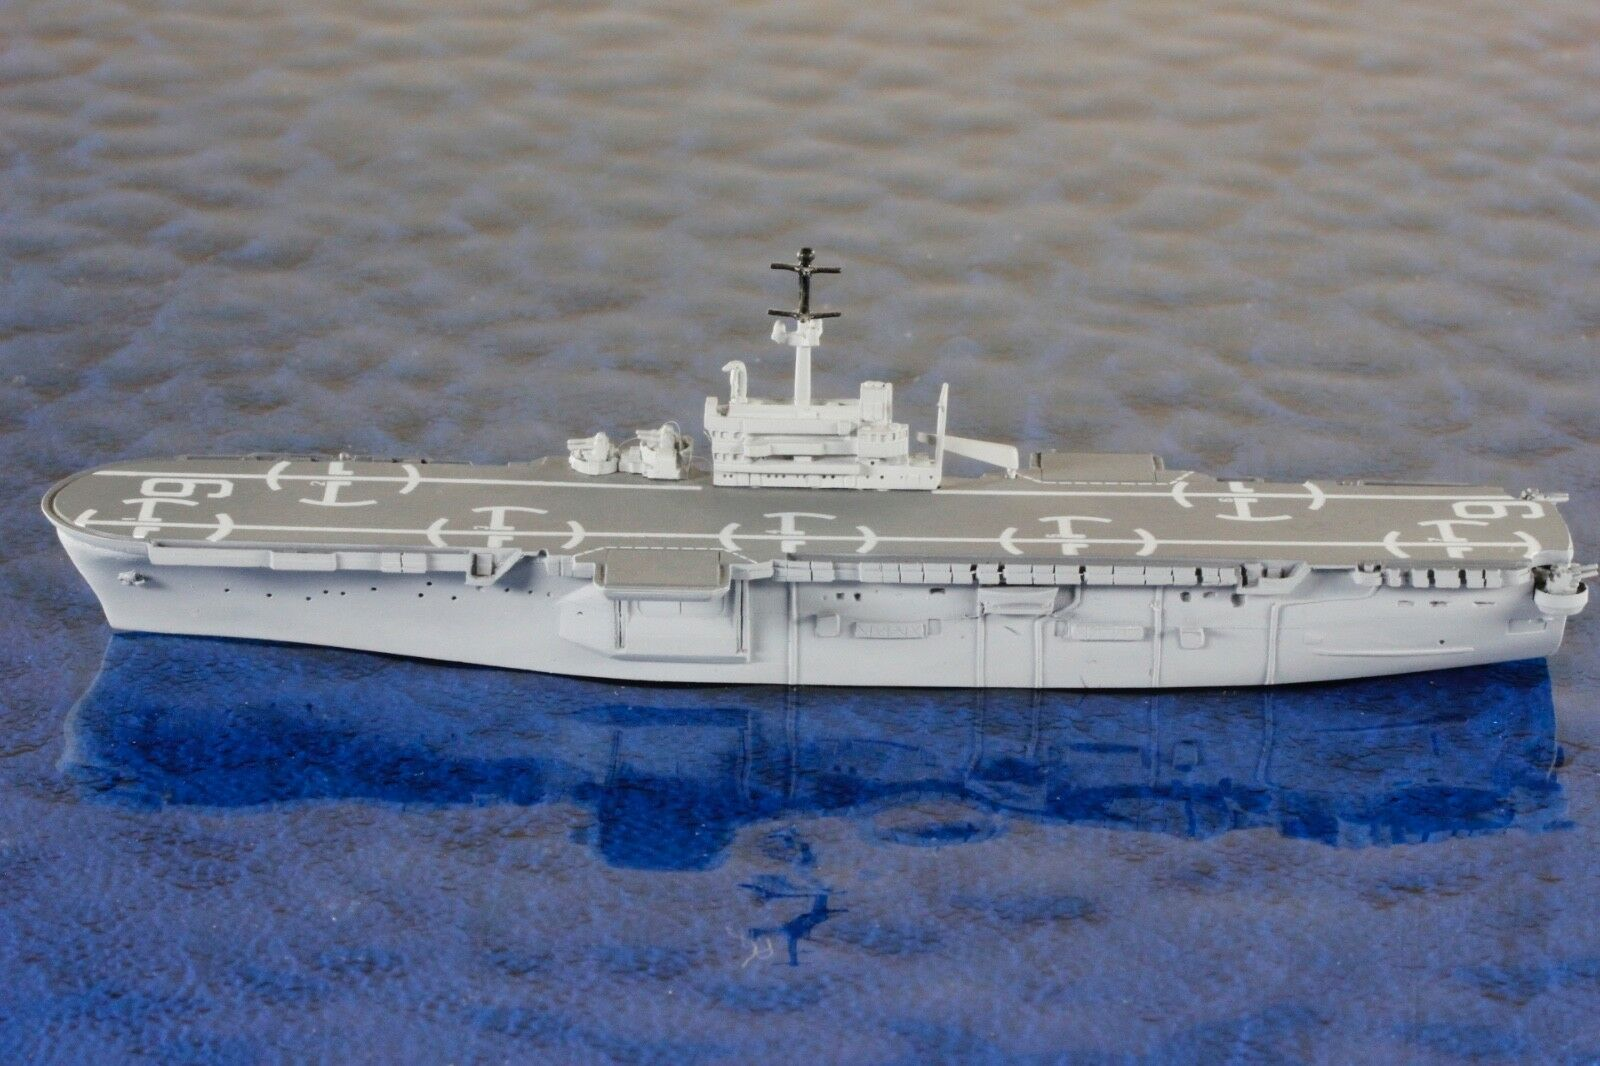 USS GUAM LPH 9 fabricants Trident ALPHA 10050 a original, 1 1250 vaisseau Modèle